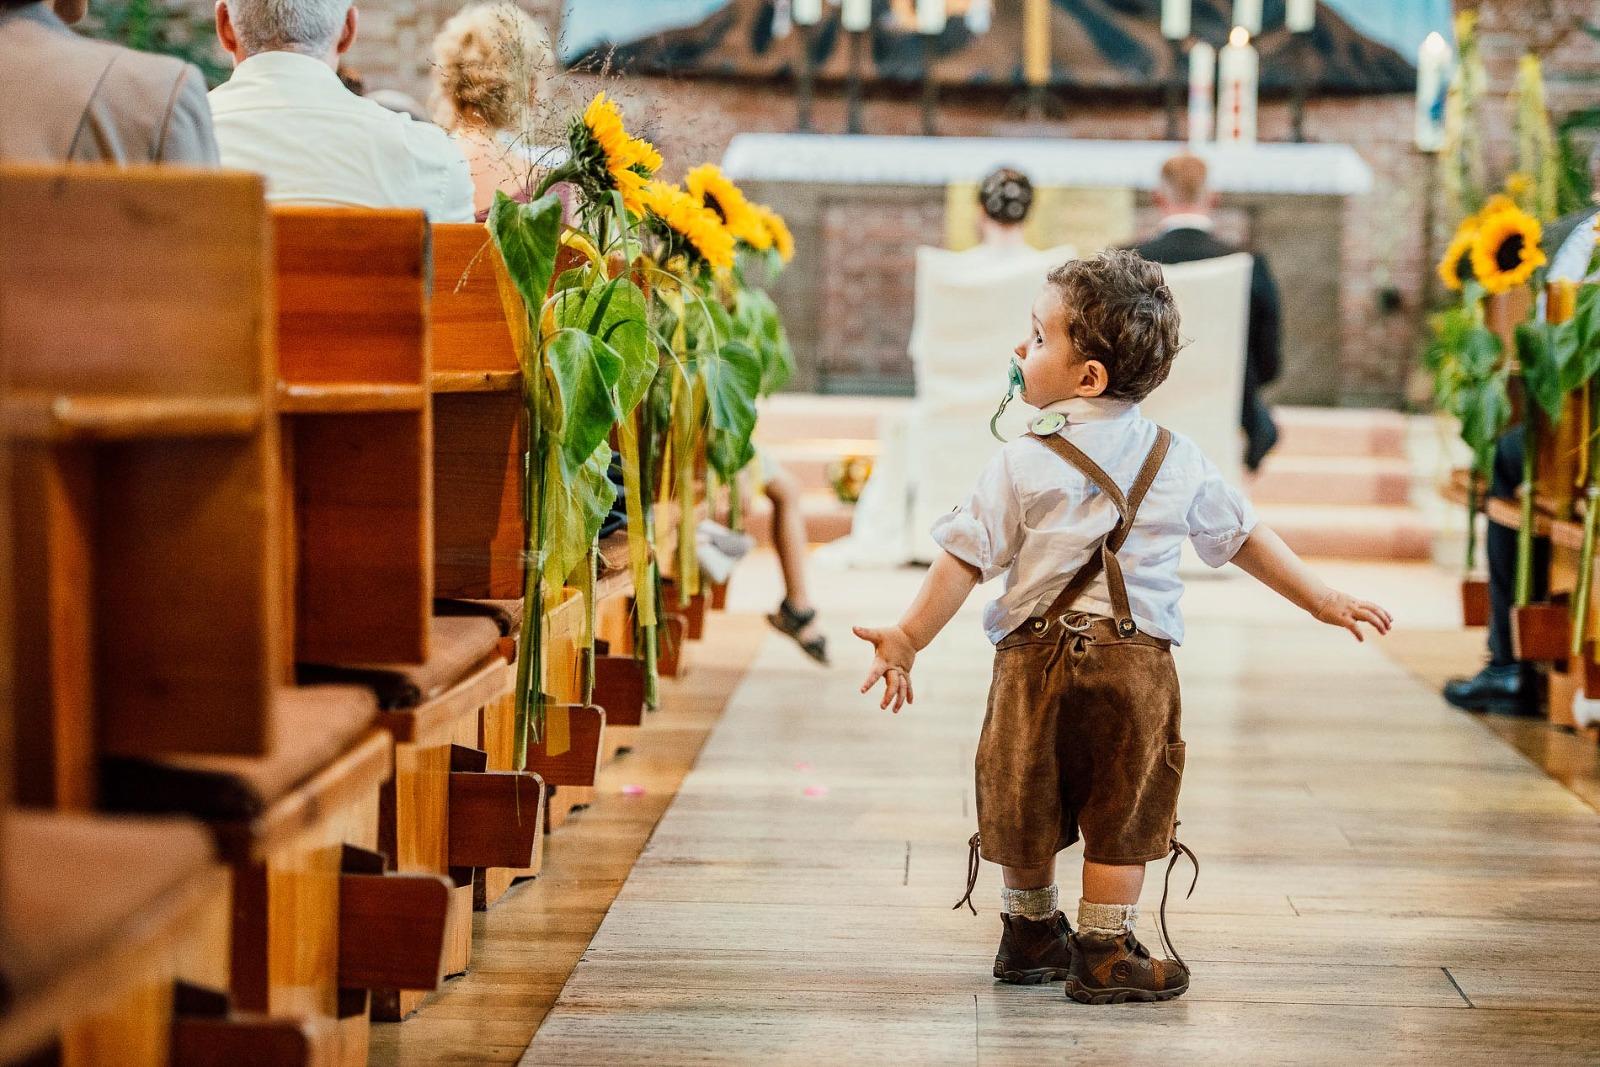 Hochzeitsfotograf aus München in Karlsfeld bei Dachau, kleiner Junge in Tracht in der Kirche